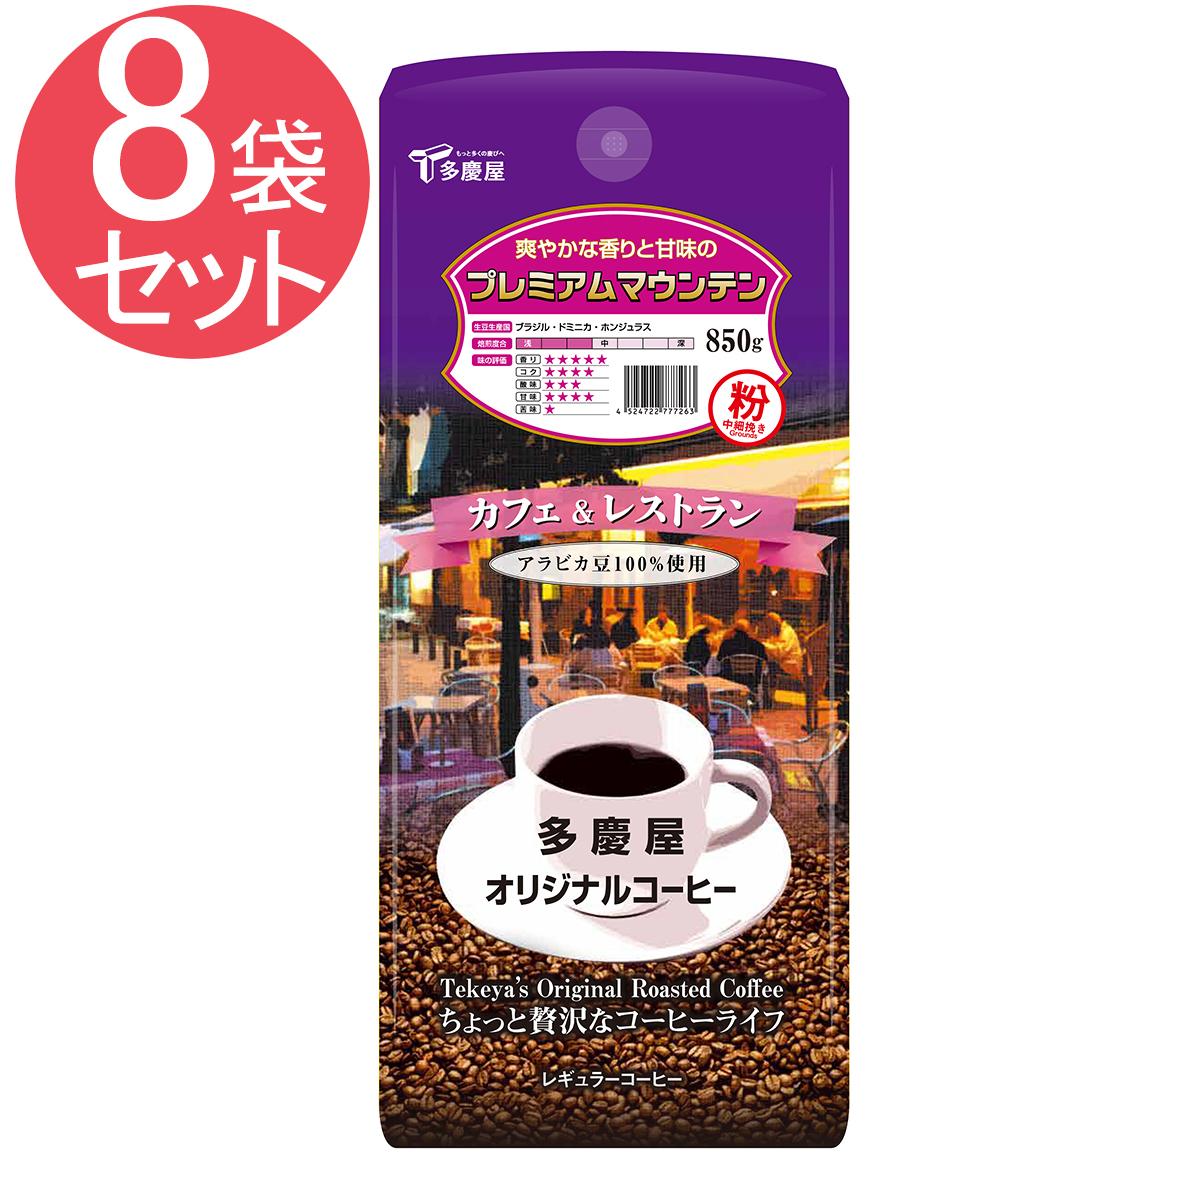 プレミアムマウンテン 粉 850g×8袋セット 多慶屋オリジナルコーヒー 【カフェ&レストラン】 コーヒー粉 レギュラーコーヒー 珈琲 coffee